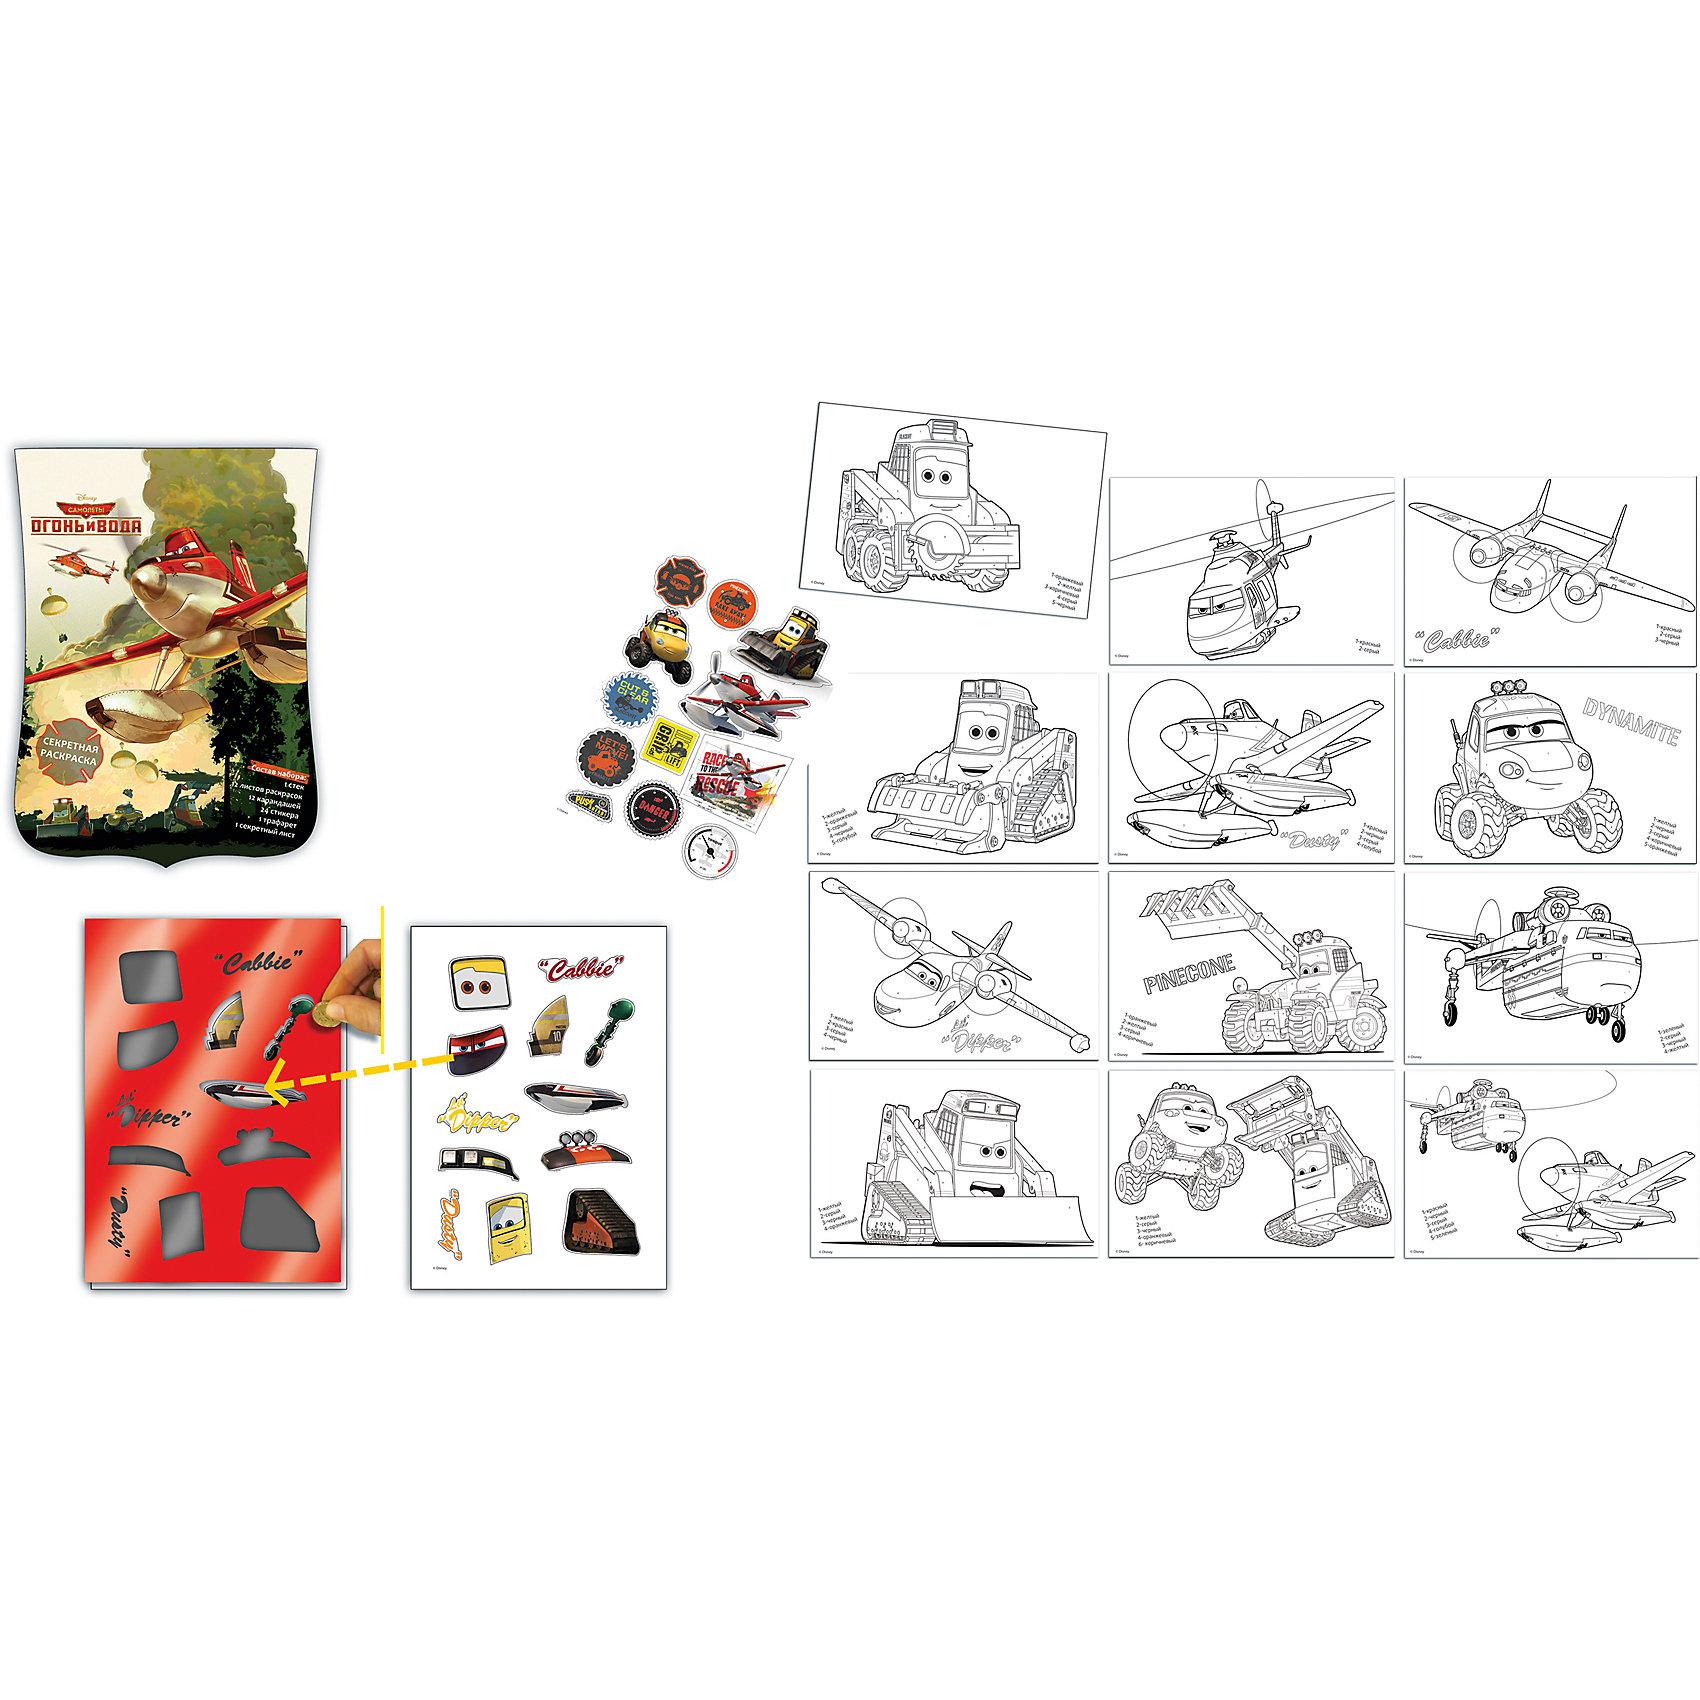 Секретная раскраска, CамолетыСекретные наклейки, Cамолеты – этот набор для творчества порадует поклонников мультсериала Самолеты.<br>Набор для рисования с секретными наклейками. Необходимо выполнить задание на странице с раскраской, чтобы появилась фигура, найти фигуру на трафарете и приложить трафарет к секретному листу, снять защитный слой под найденной фигурой с помощью трафарета и стека и приклеить недостающий элемент на лист раскраски.<br><br>Дополнительная информация:<br><br>- В наборе: 12 листов раскрасок, 6 карандашей, 10 стикеров, трафарет, секретный лист, стек<br><br>Секретные наклейки, Cамолеты (Planes) можно купить в нашем интернет-магазине.<br><br>Ширина мм: 50<br>Глубина мм: 350<br>Высота мм: 280<br>Вес г: 73<br>Возраст от месяцев: 48<br>Возраст до месяцев: 96<br>Пол: Унисекс<br>Возраст: Детский<br>SKU: 3986136